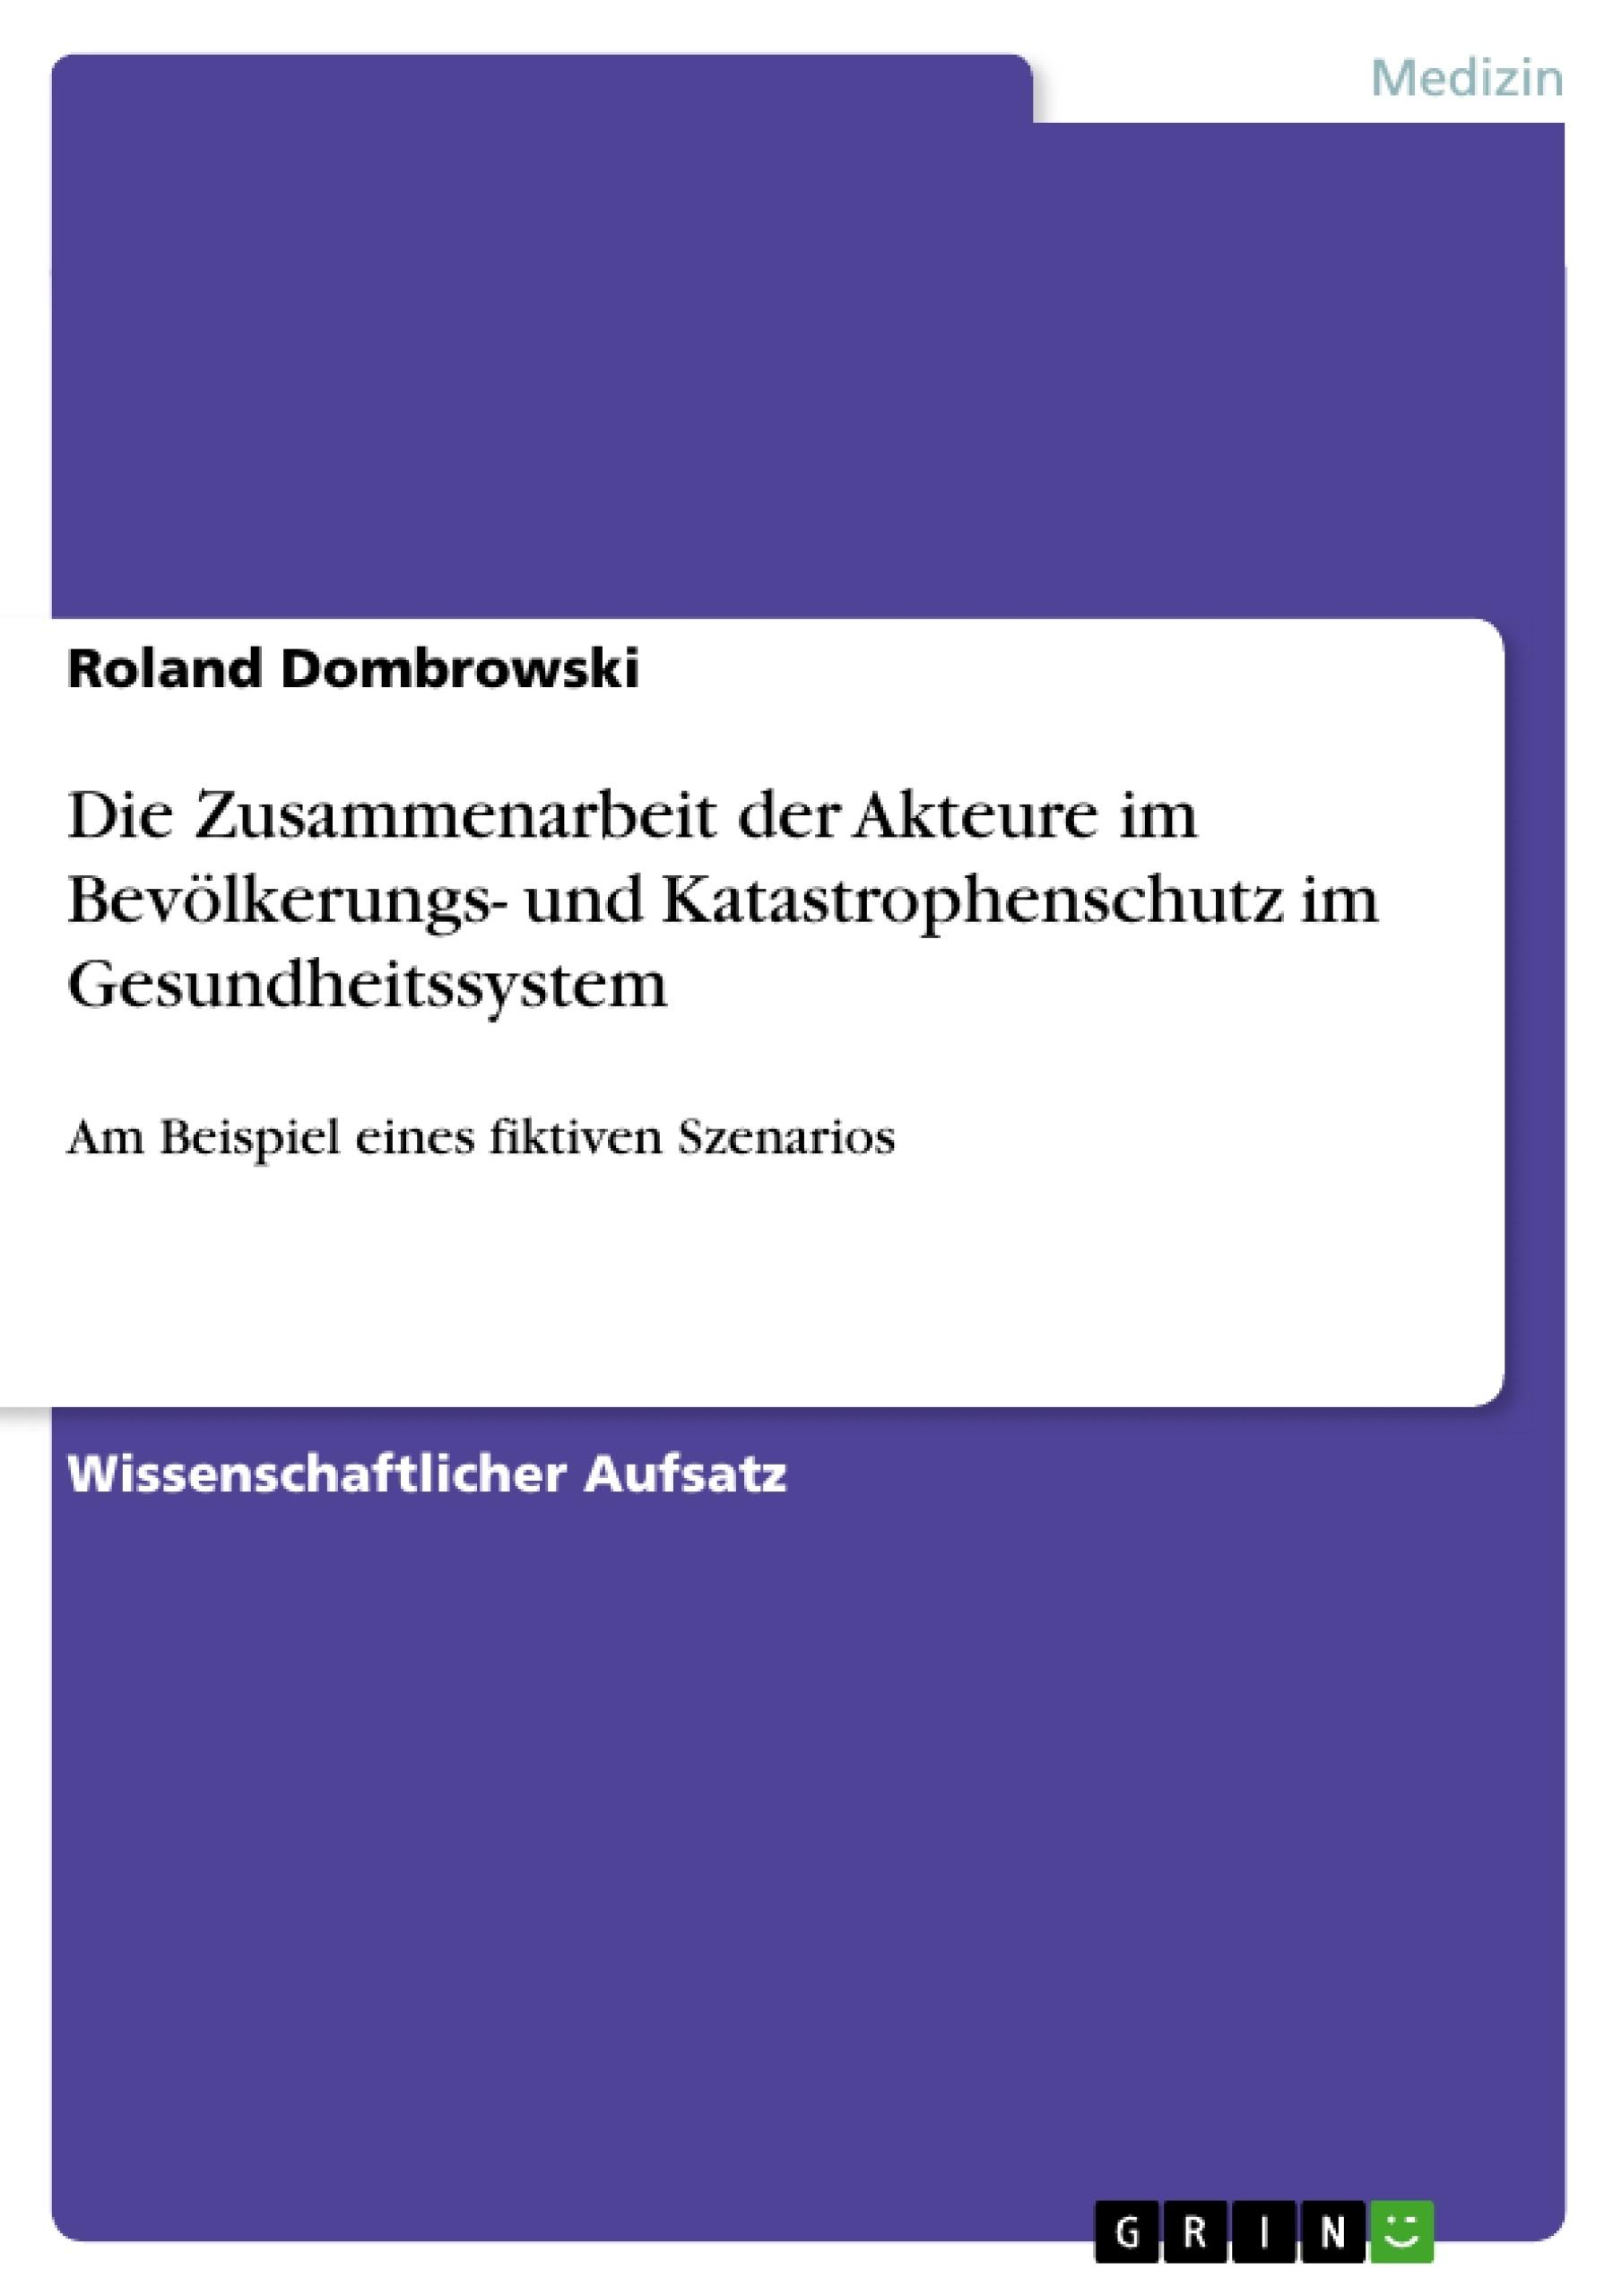 Titel: Die Zusammenarbeit der Akteure im Bevölkerungs- und Katastrophenschutz im Gesundheitssystem